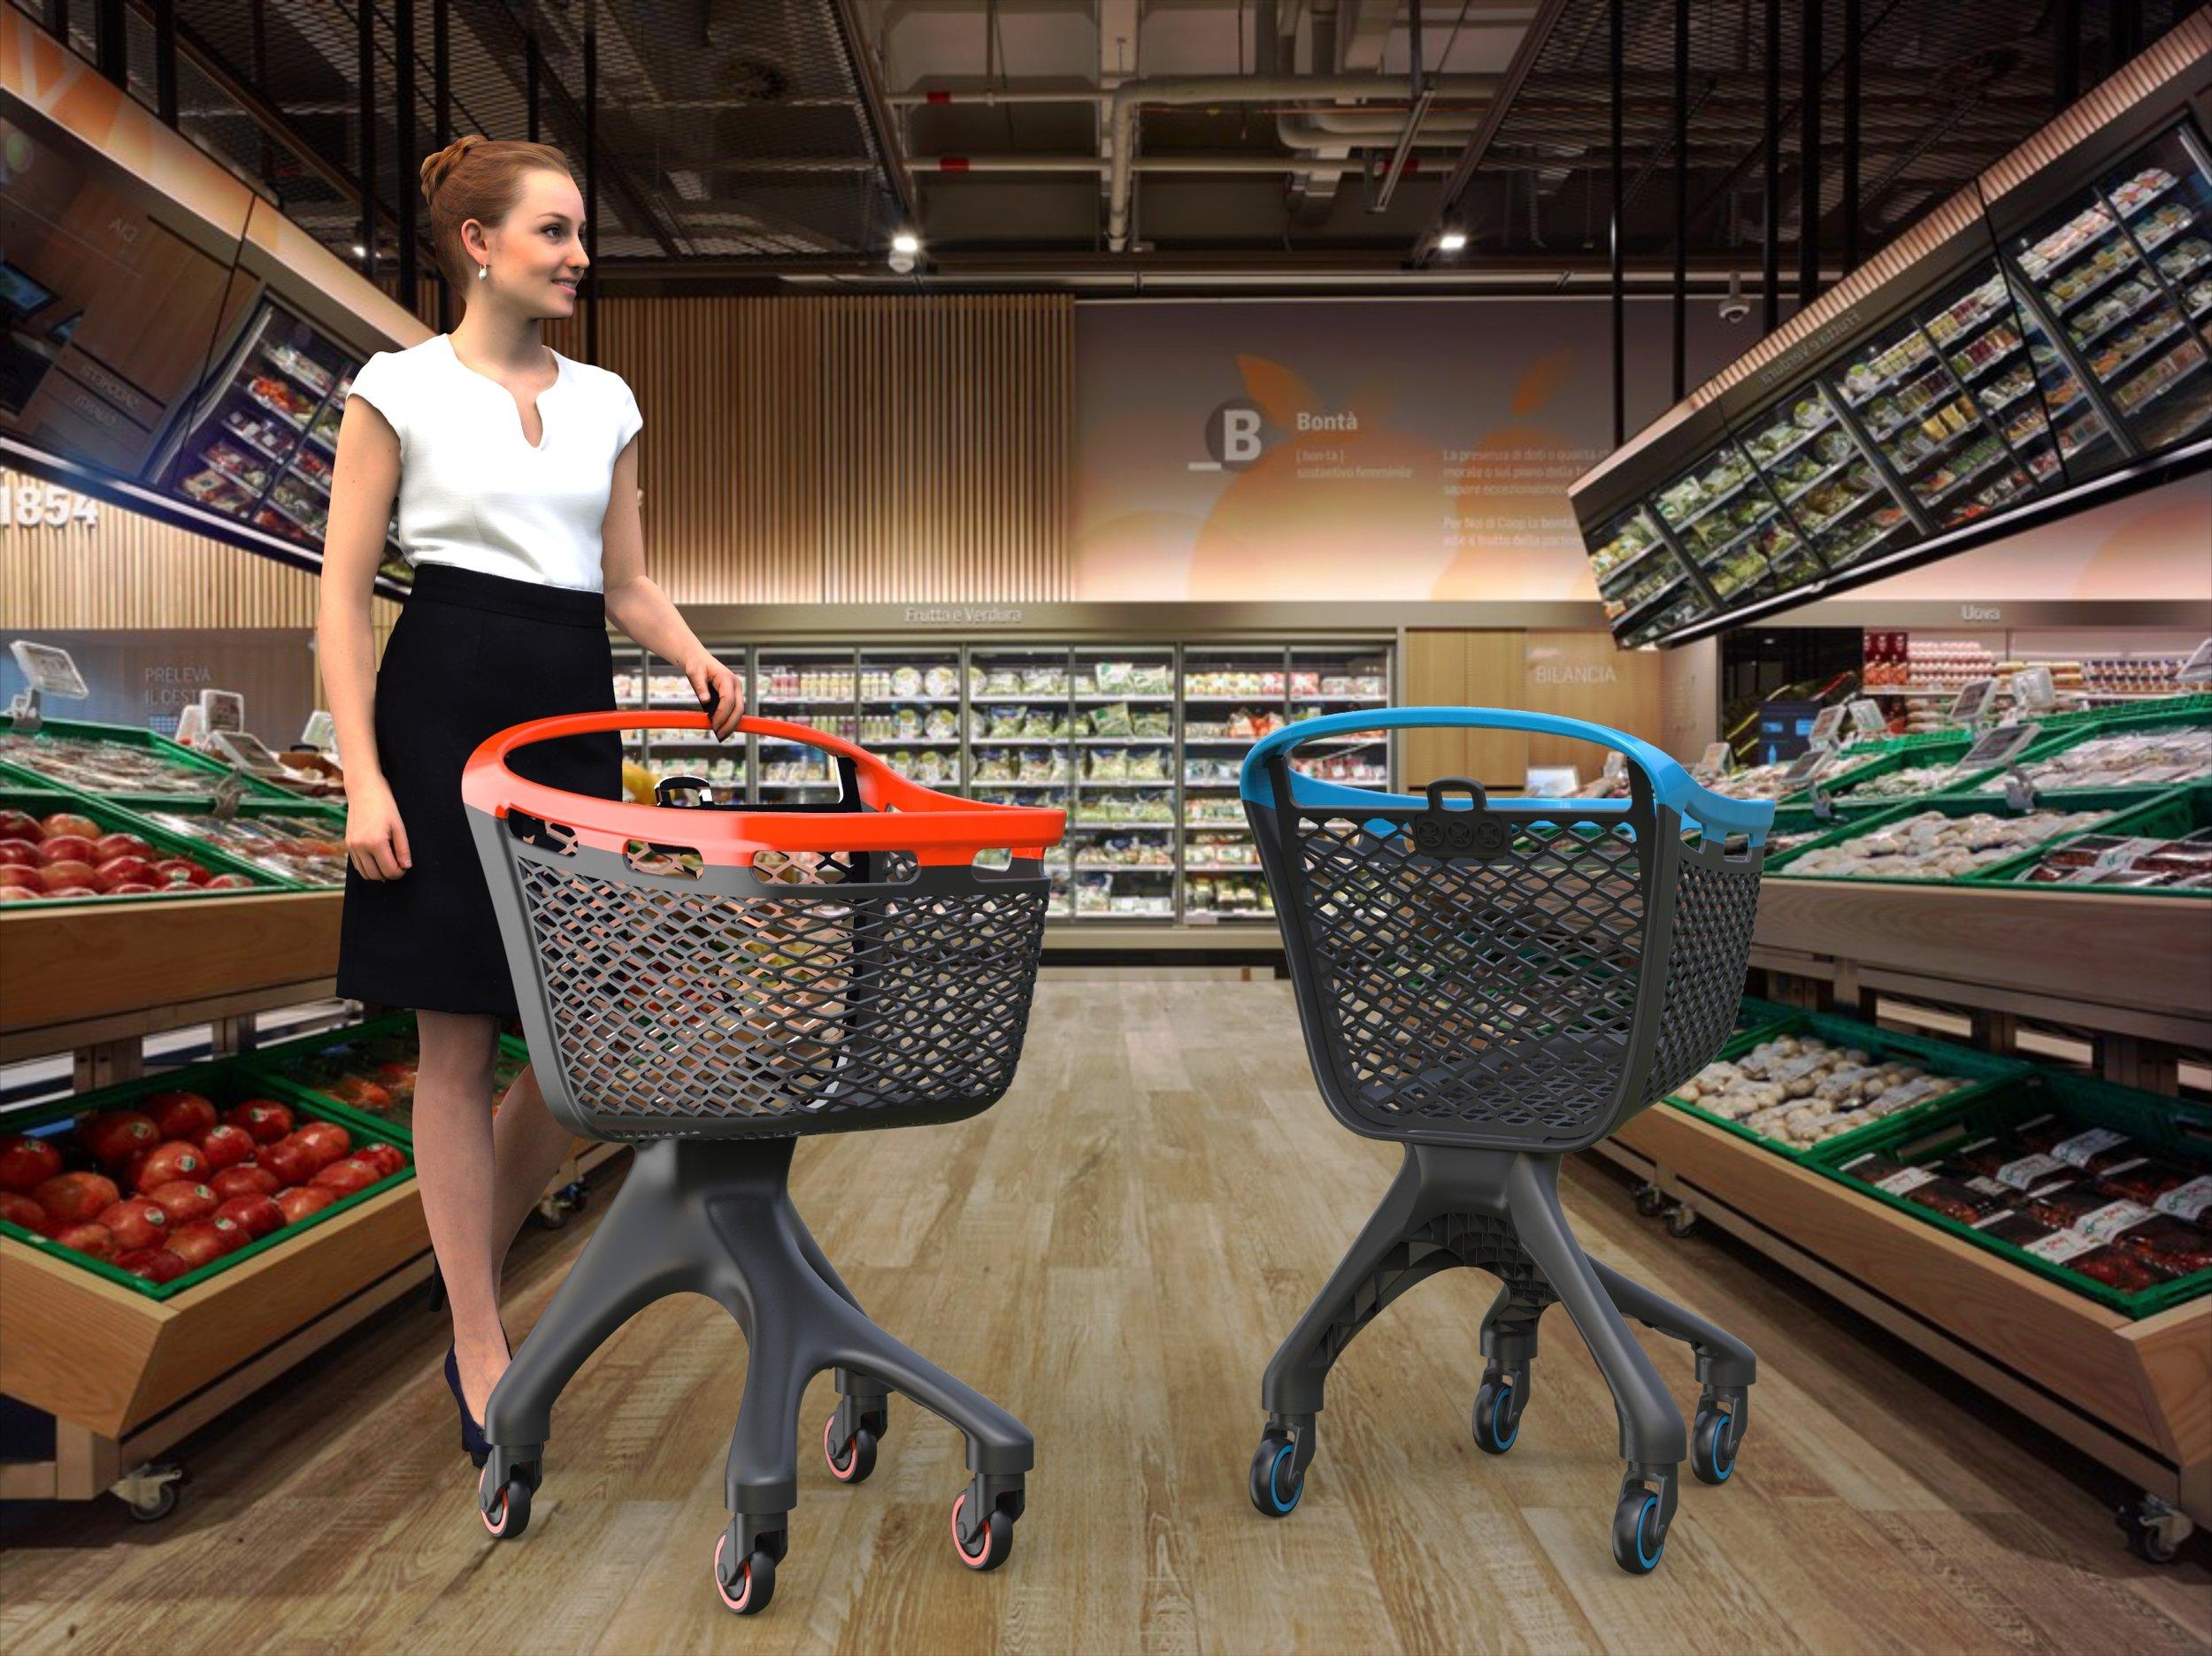 Composites Shopping Cart - fullframe made in fiber reinforced pp